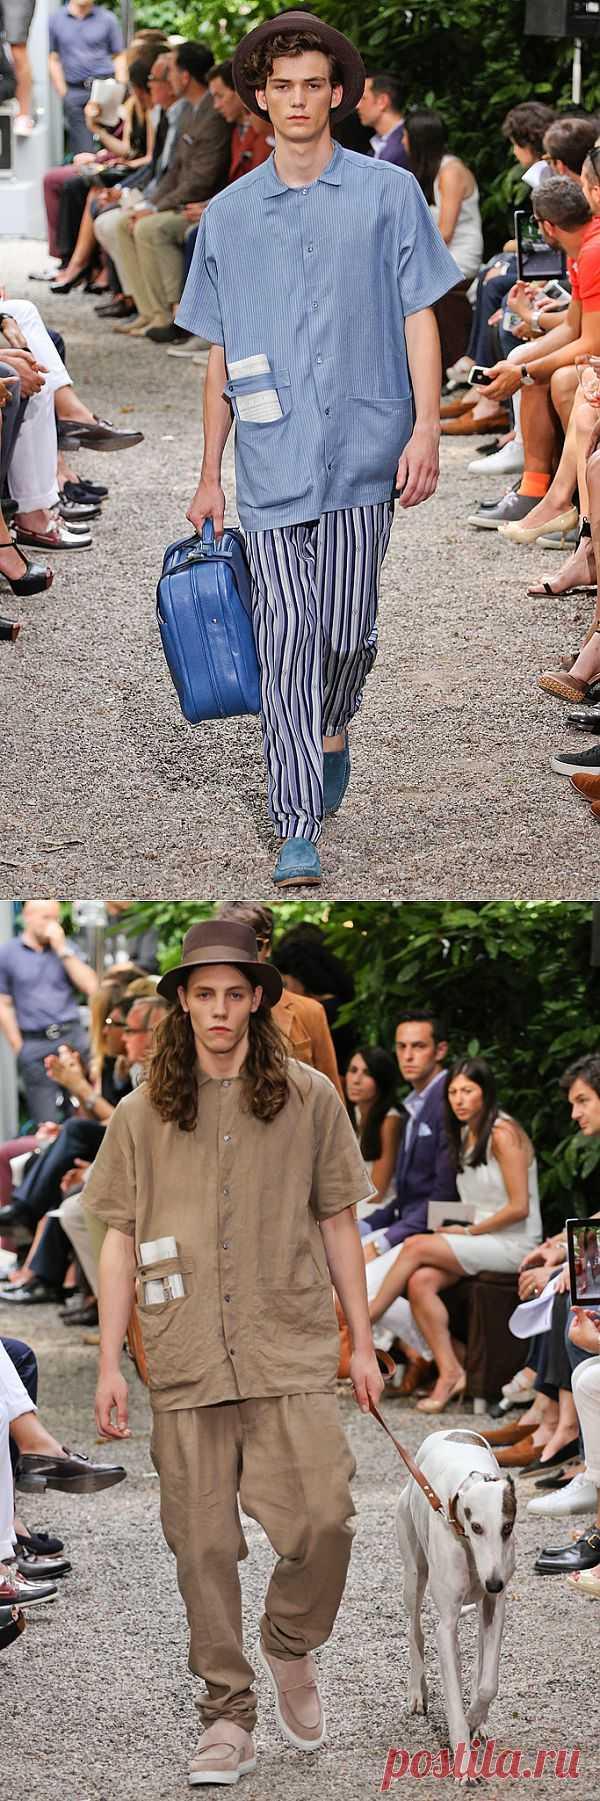 Пижамный шик Trussardi S/S 2013 / Детали / Модный сайт о стильной переделке одежды и интерьера